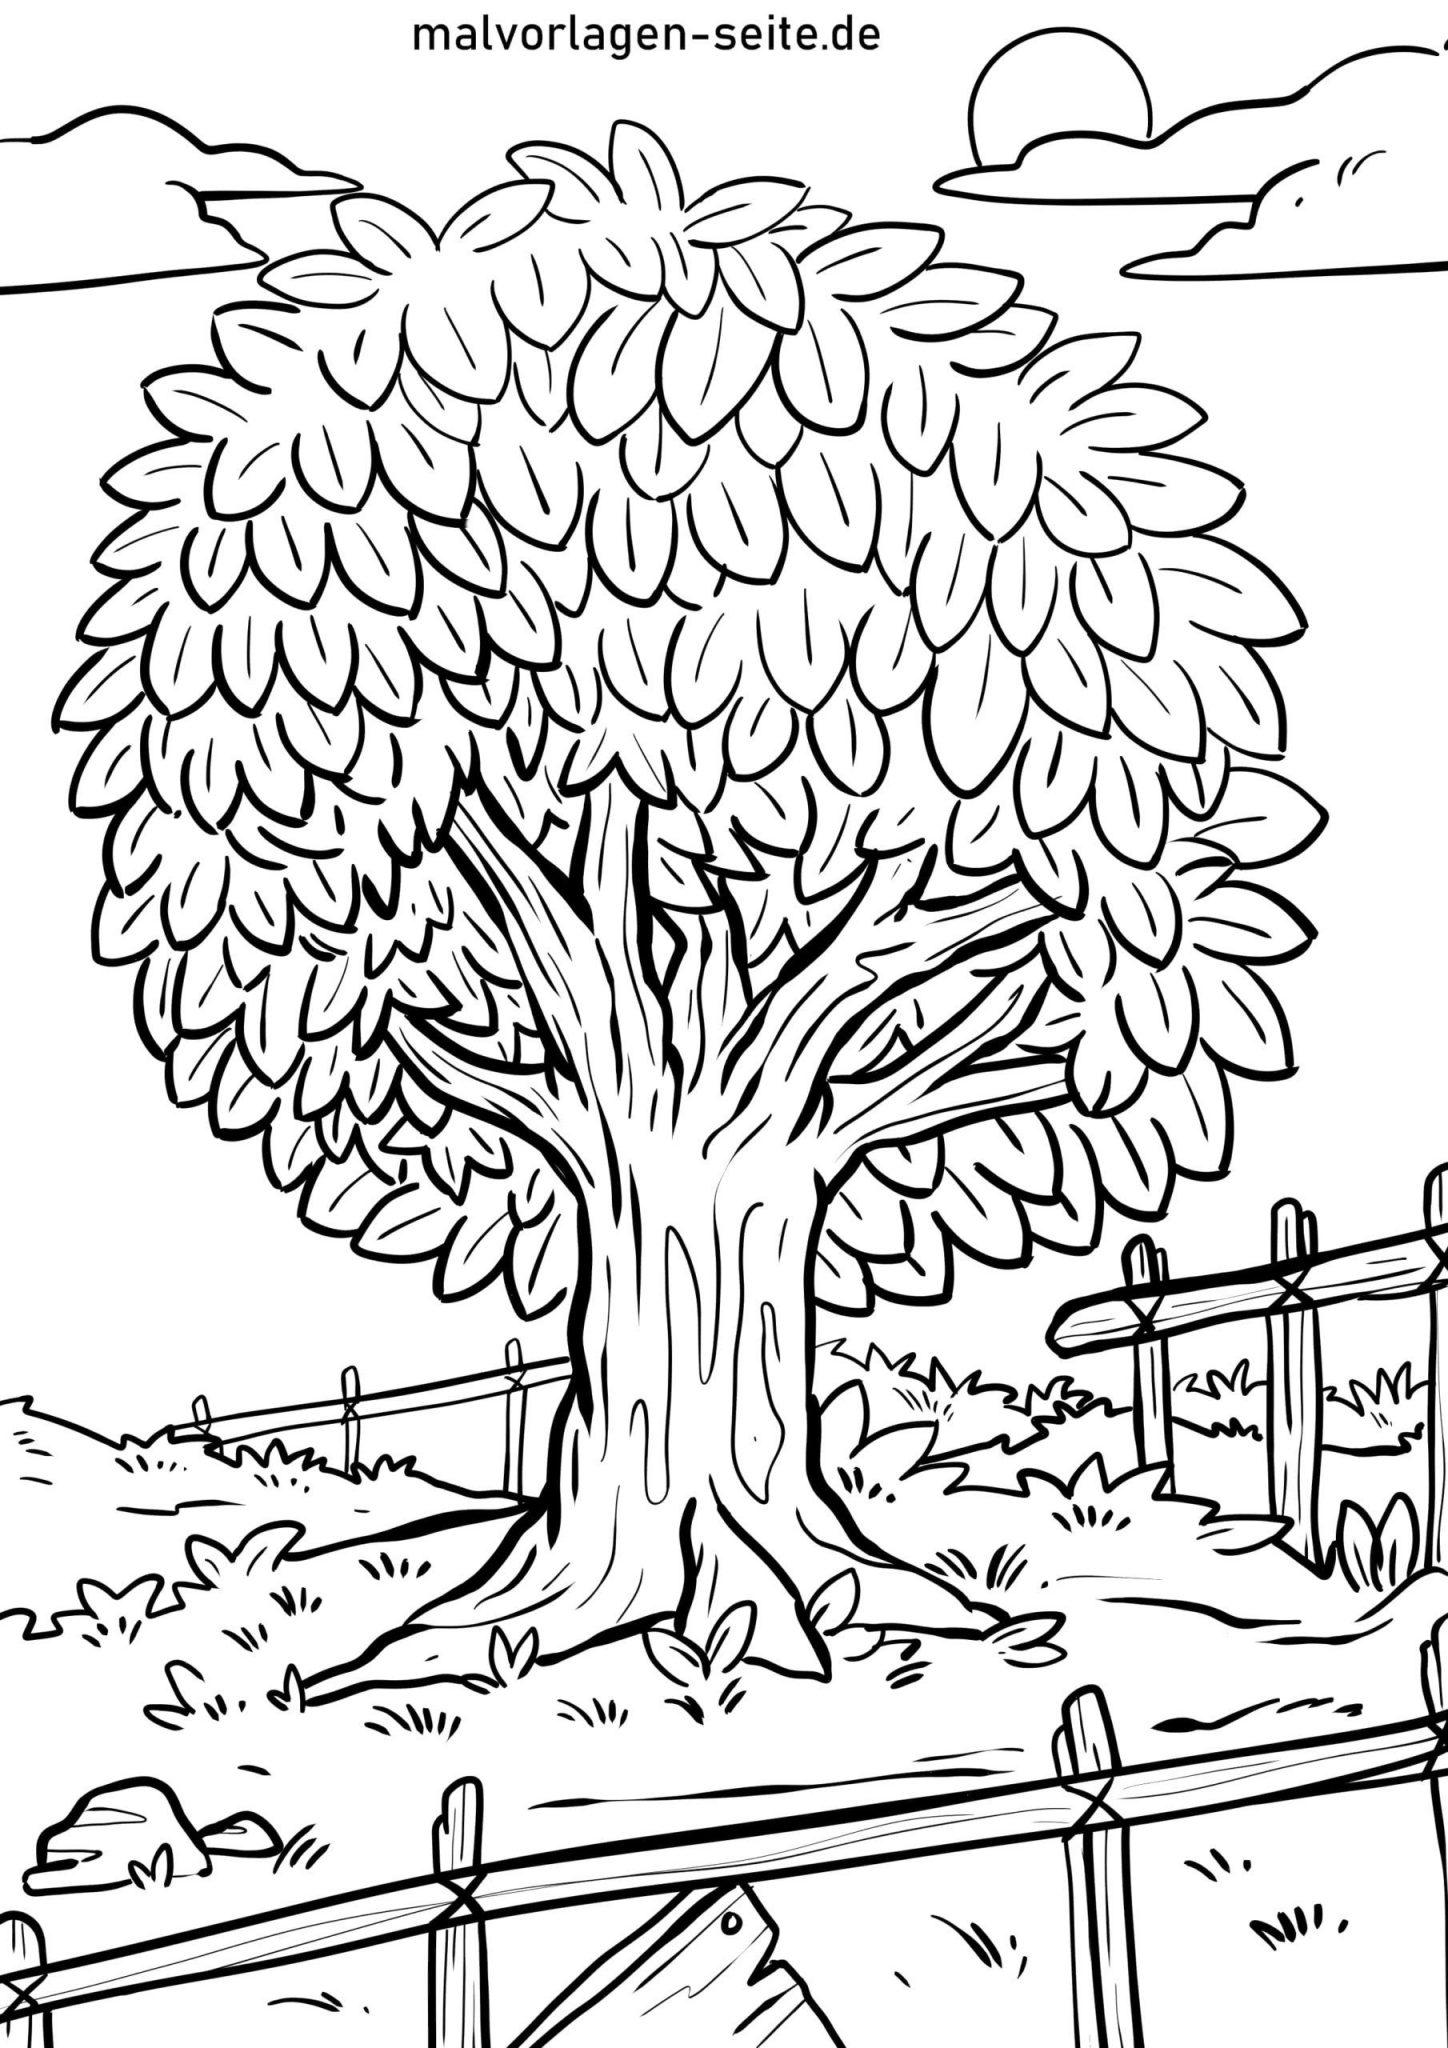 Malvorlage Baum - Ausmalbilder Kostenlos Herunterladen